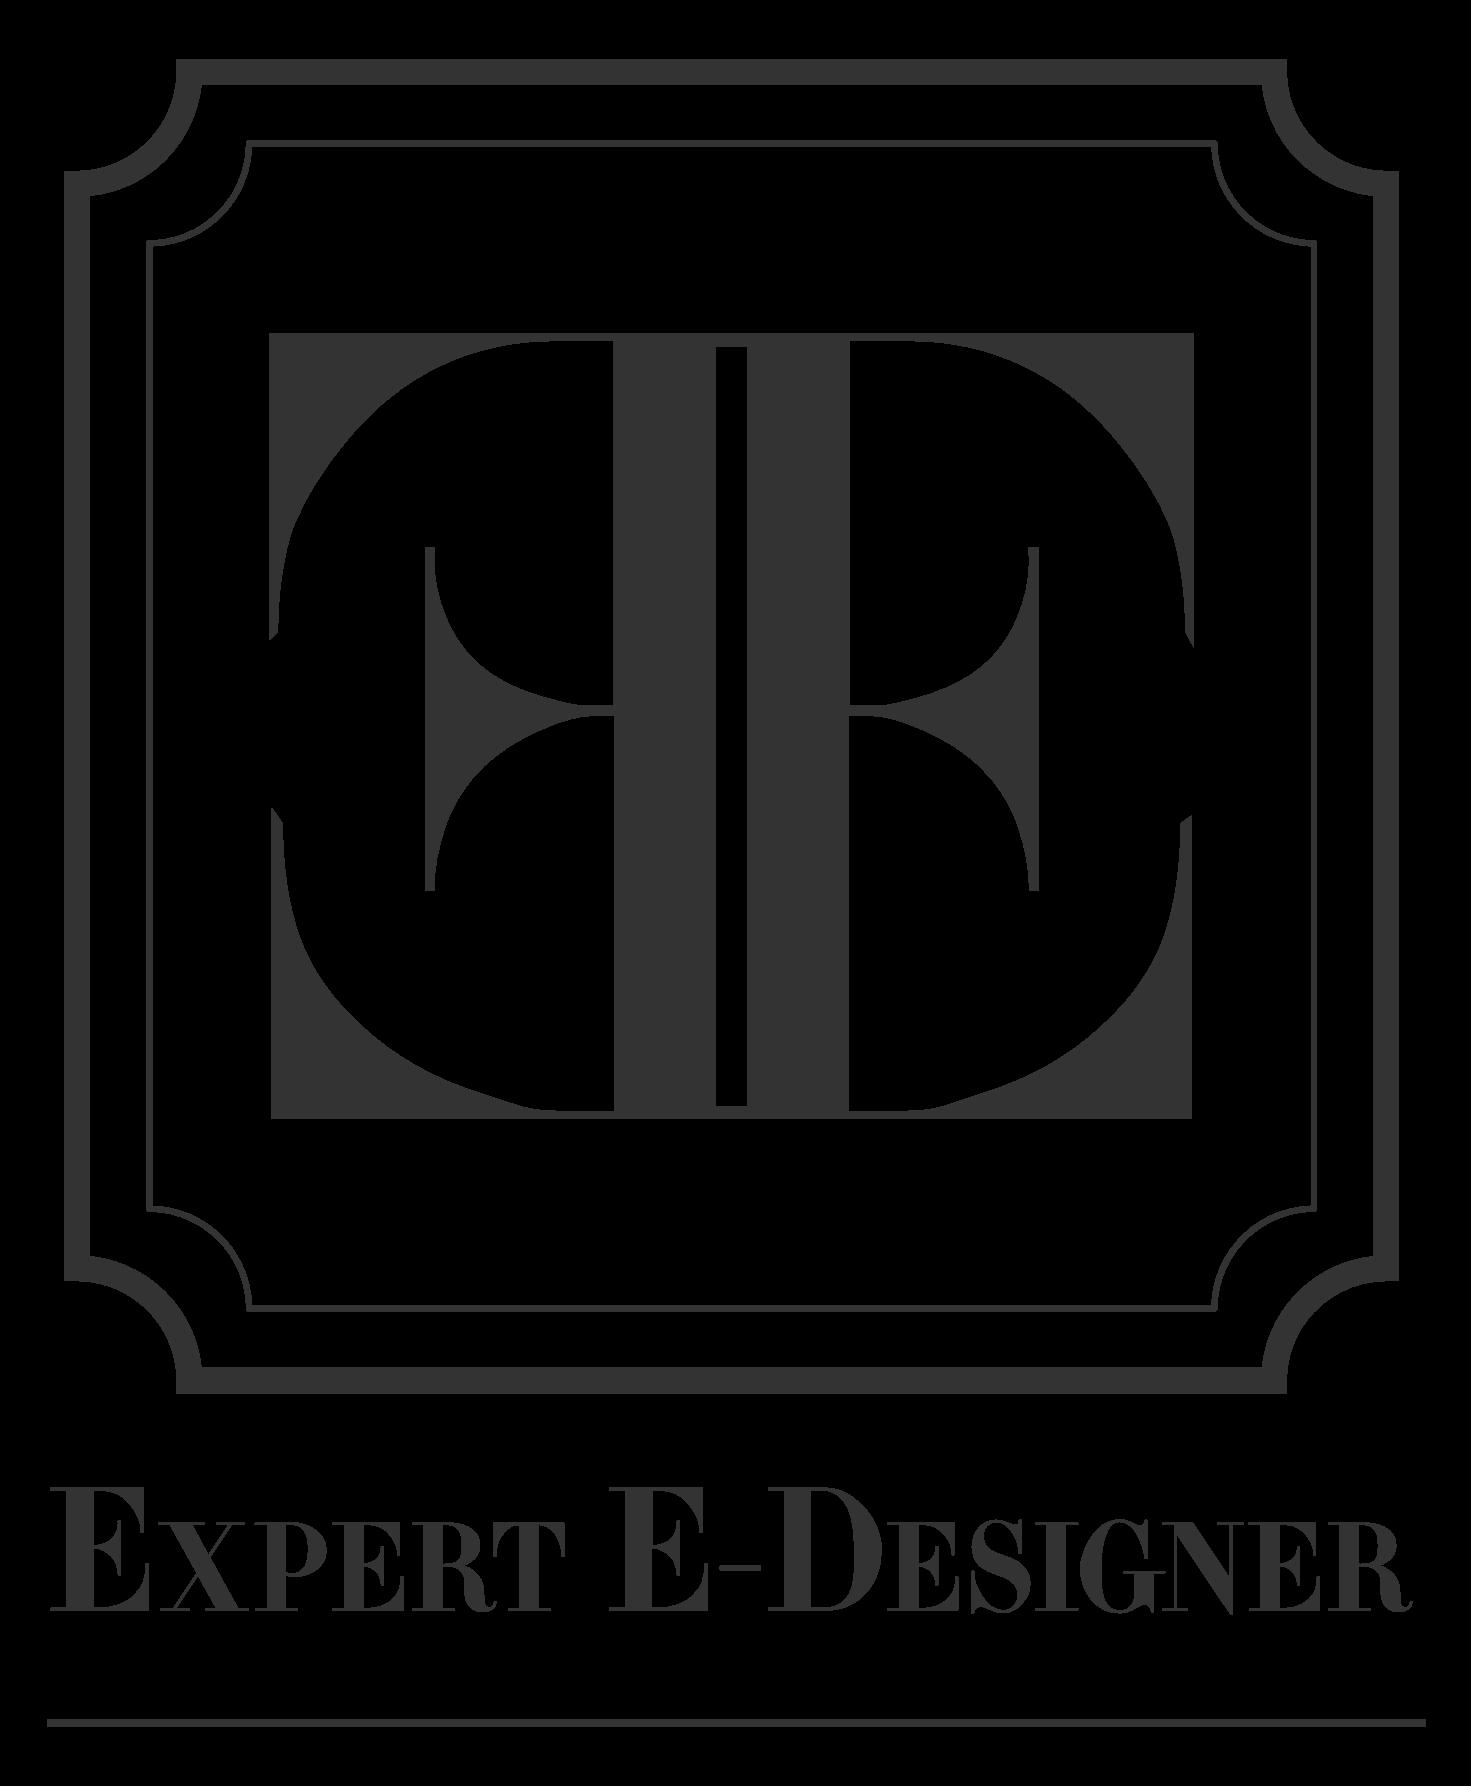 e-Design Expert